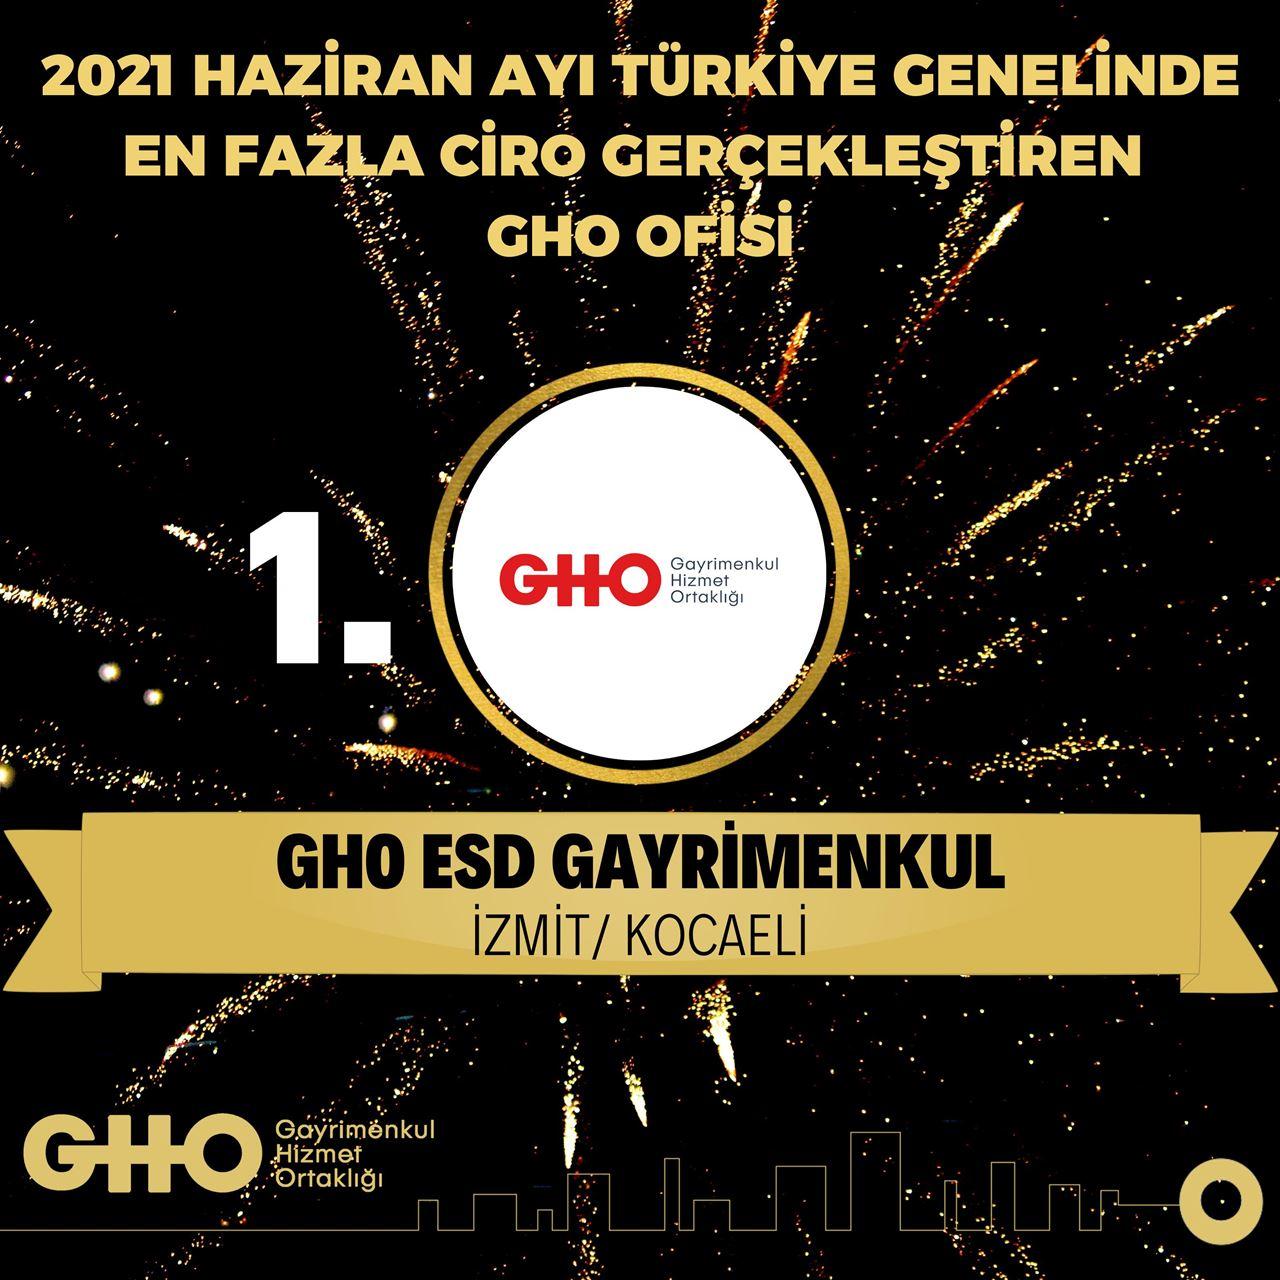 2021 Haziran Ayı Türkiye Geneli En Fazla Ciro Gerçekleştiren GHO Ofisleri